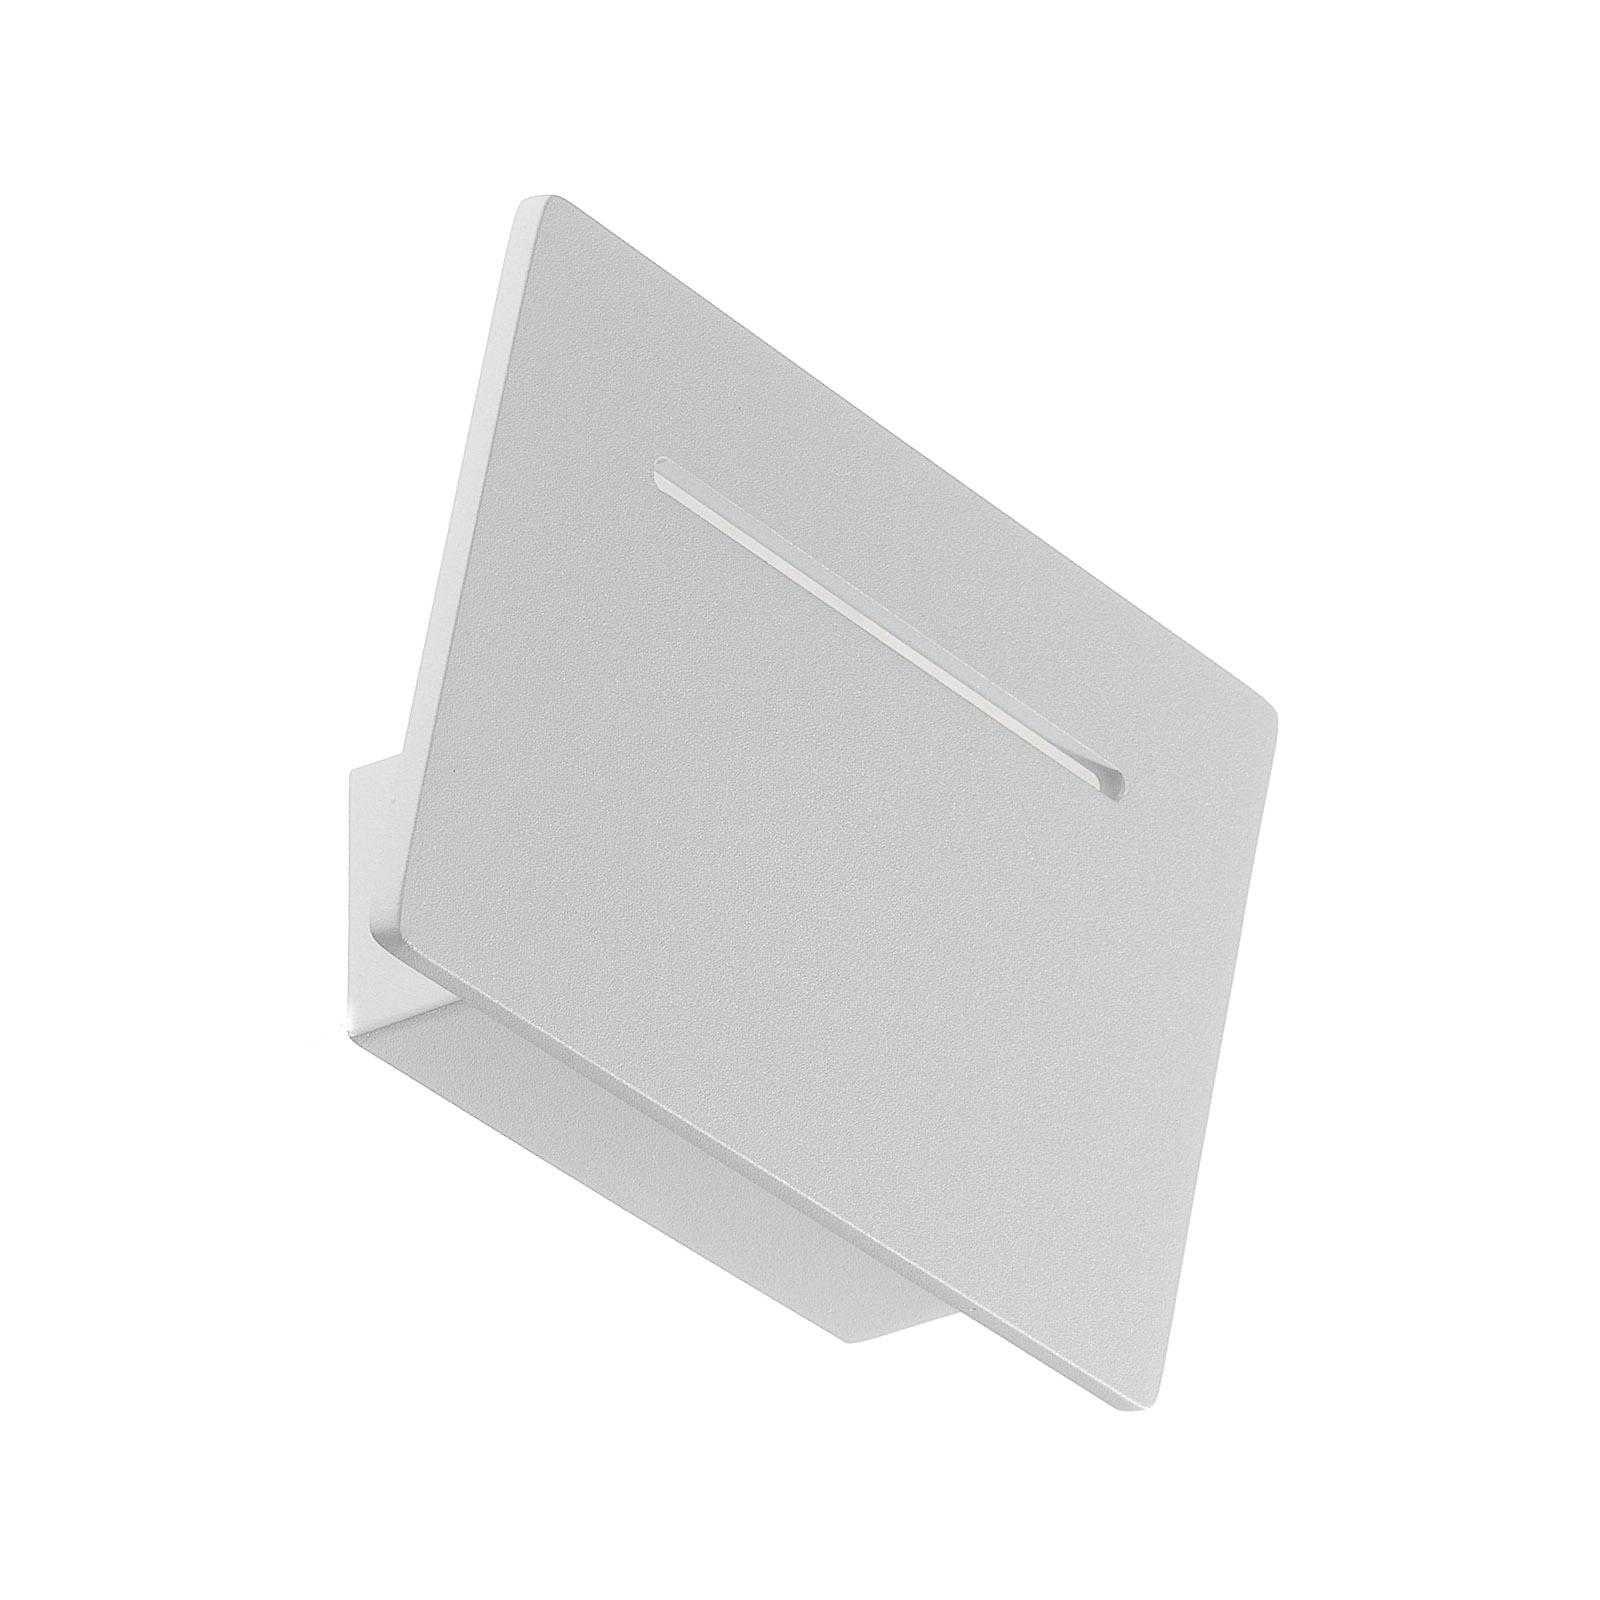 LED-Wandleuchte Toja, warmweiß, 20 cm